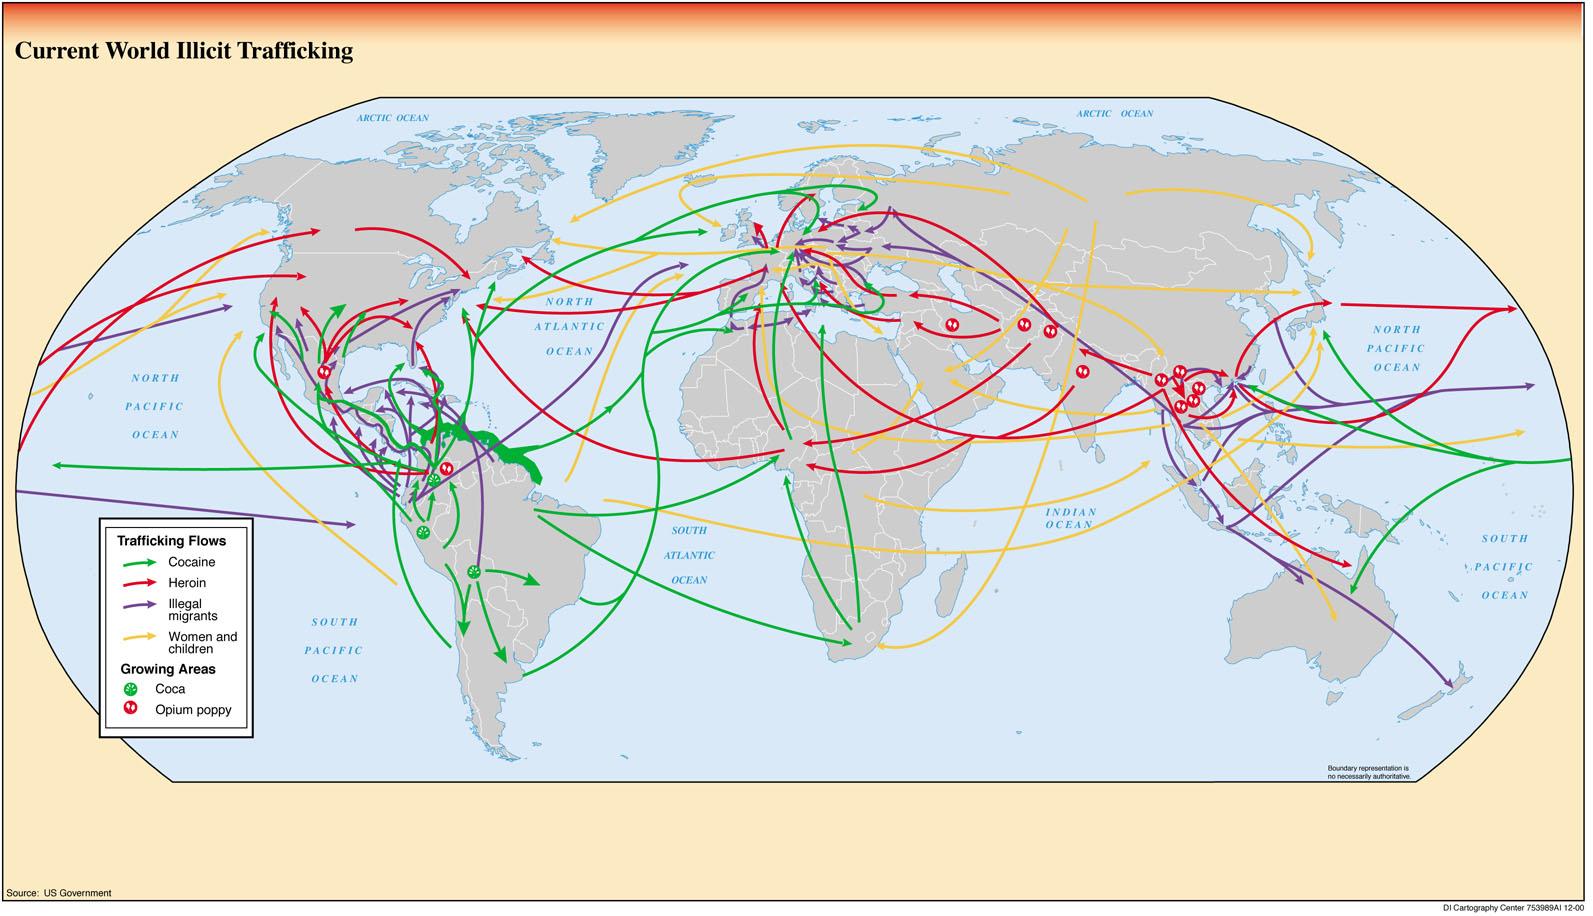 Tráficos ilícitos en el mundo 2000